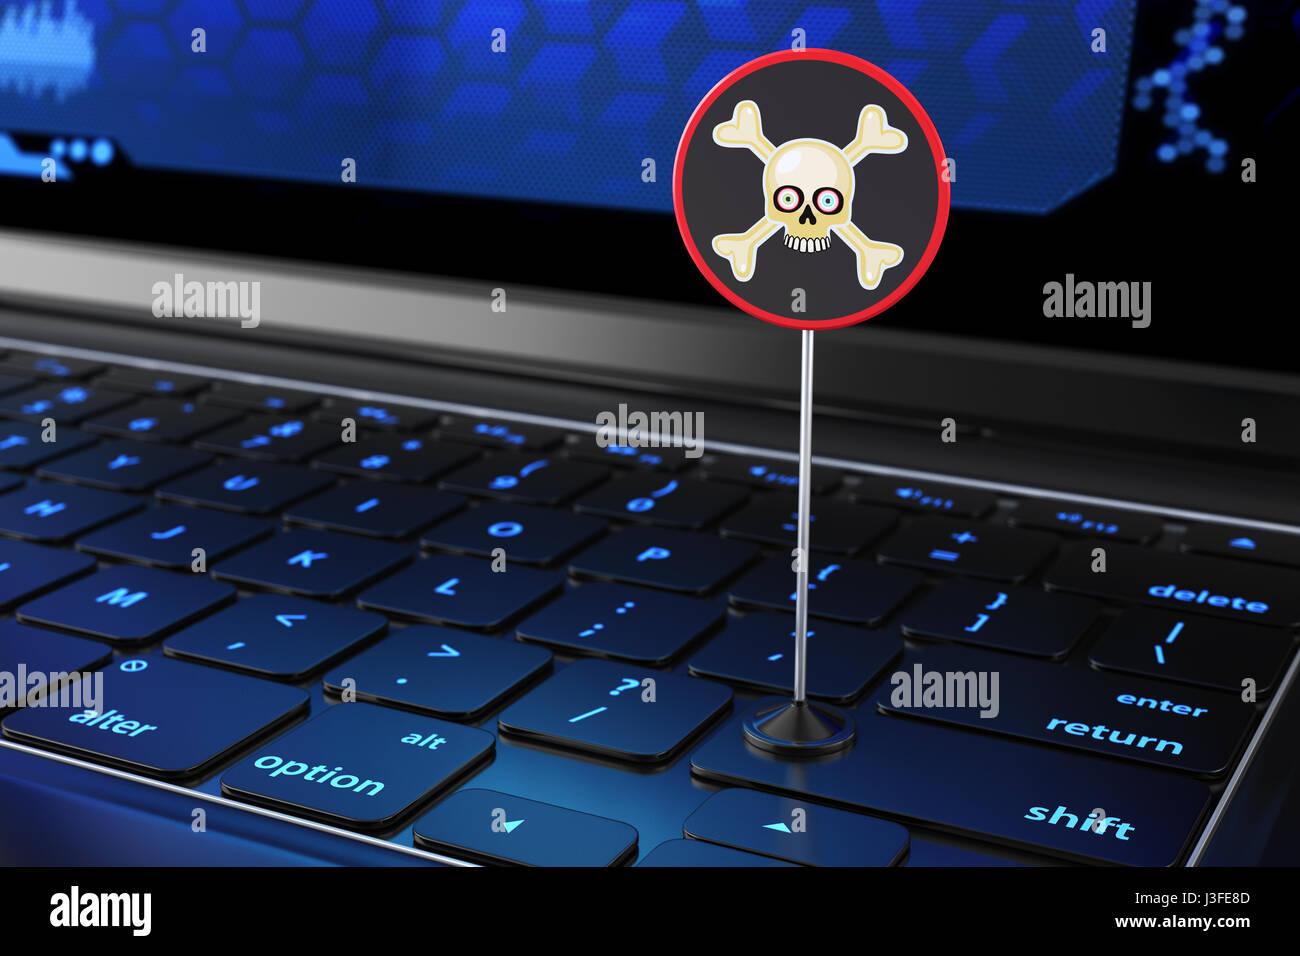 Laptop Copyright Symbol Piracy Stock Photos Laptop Copyright